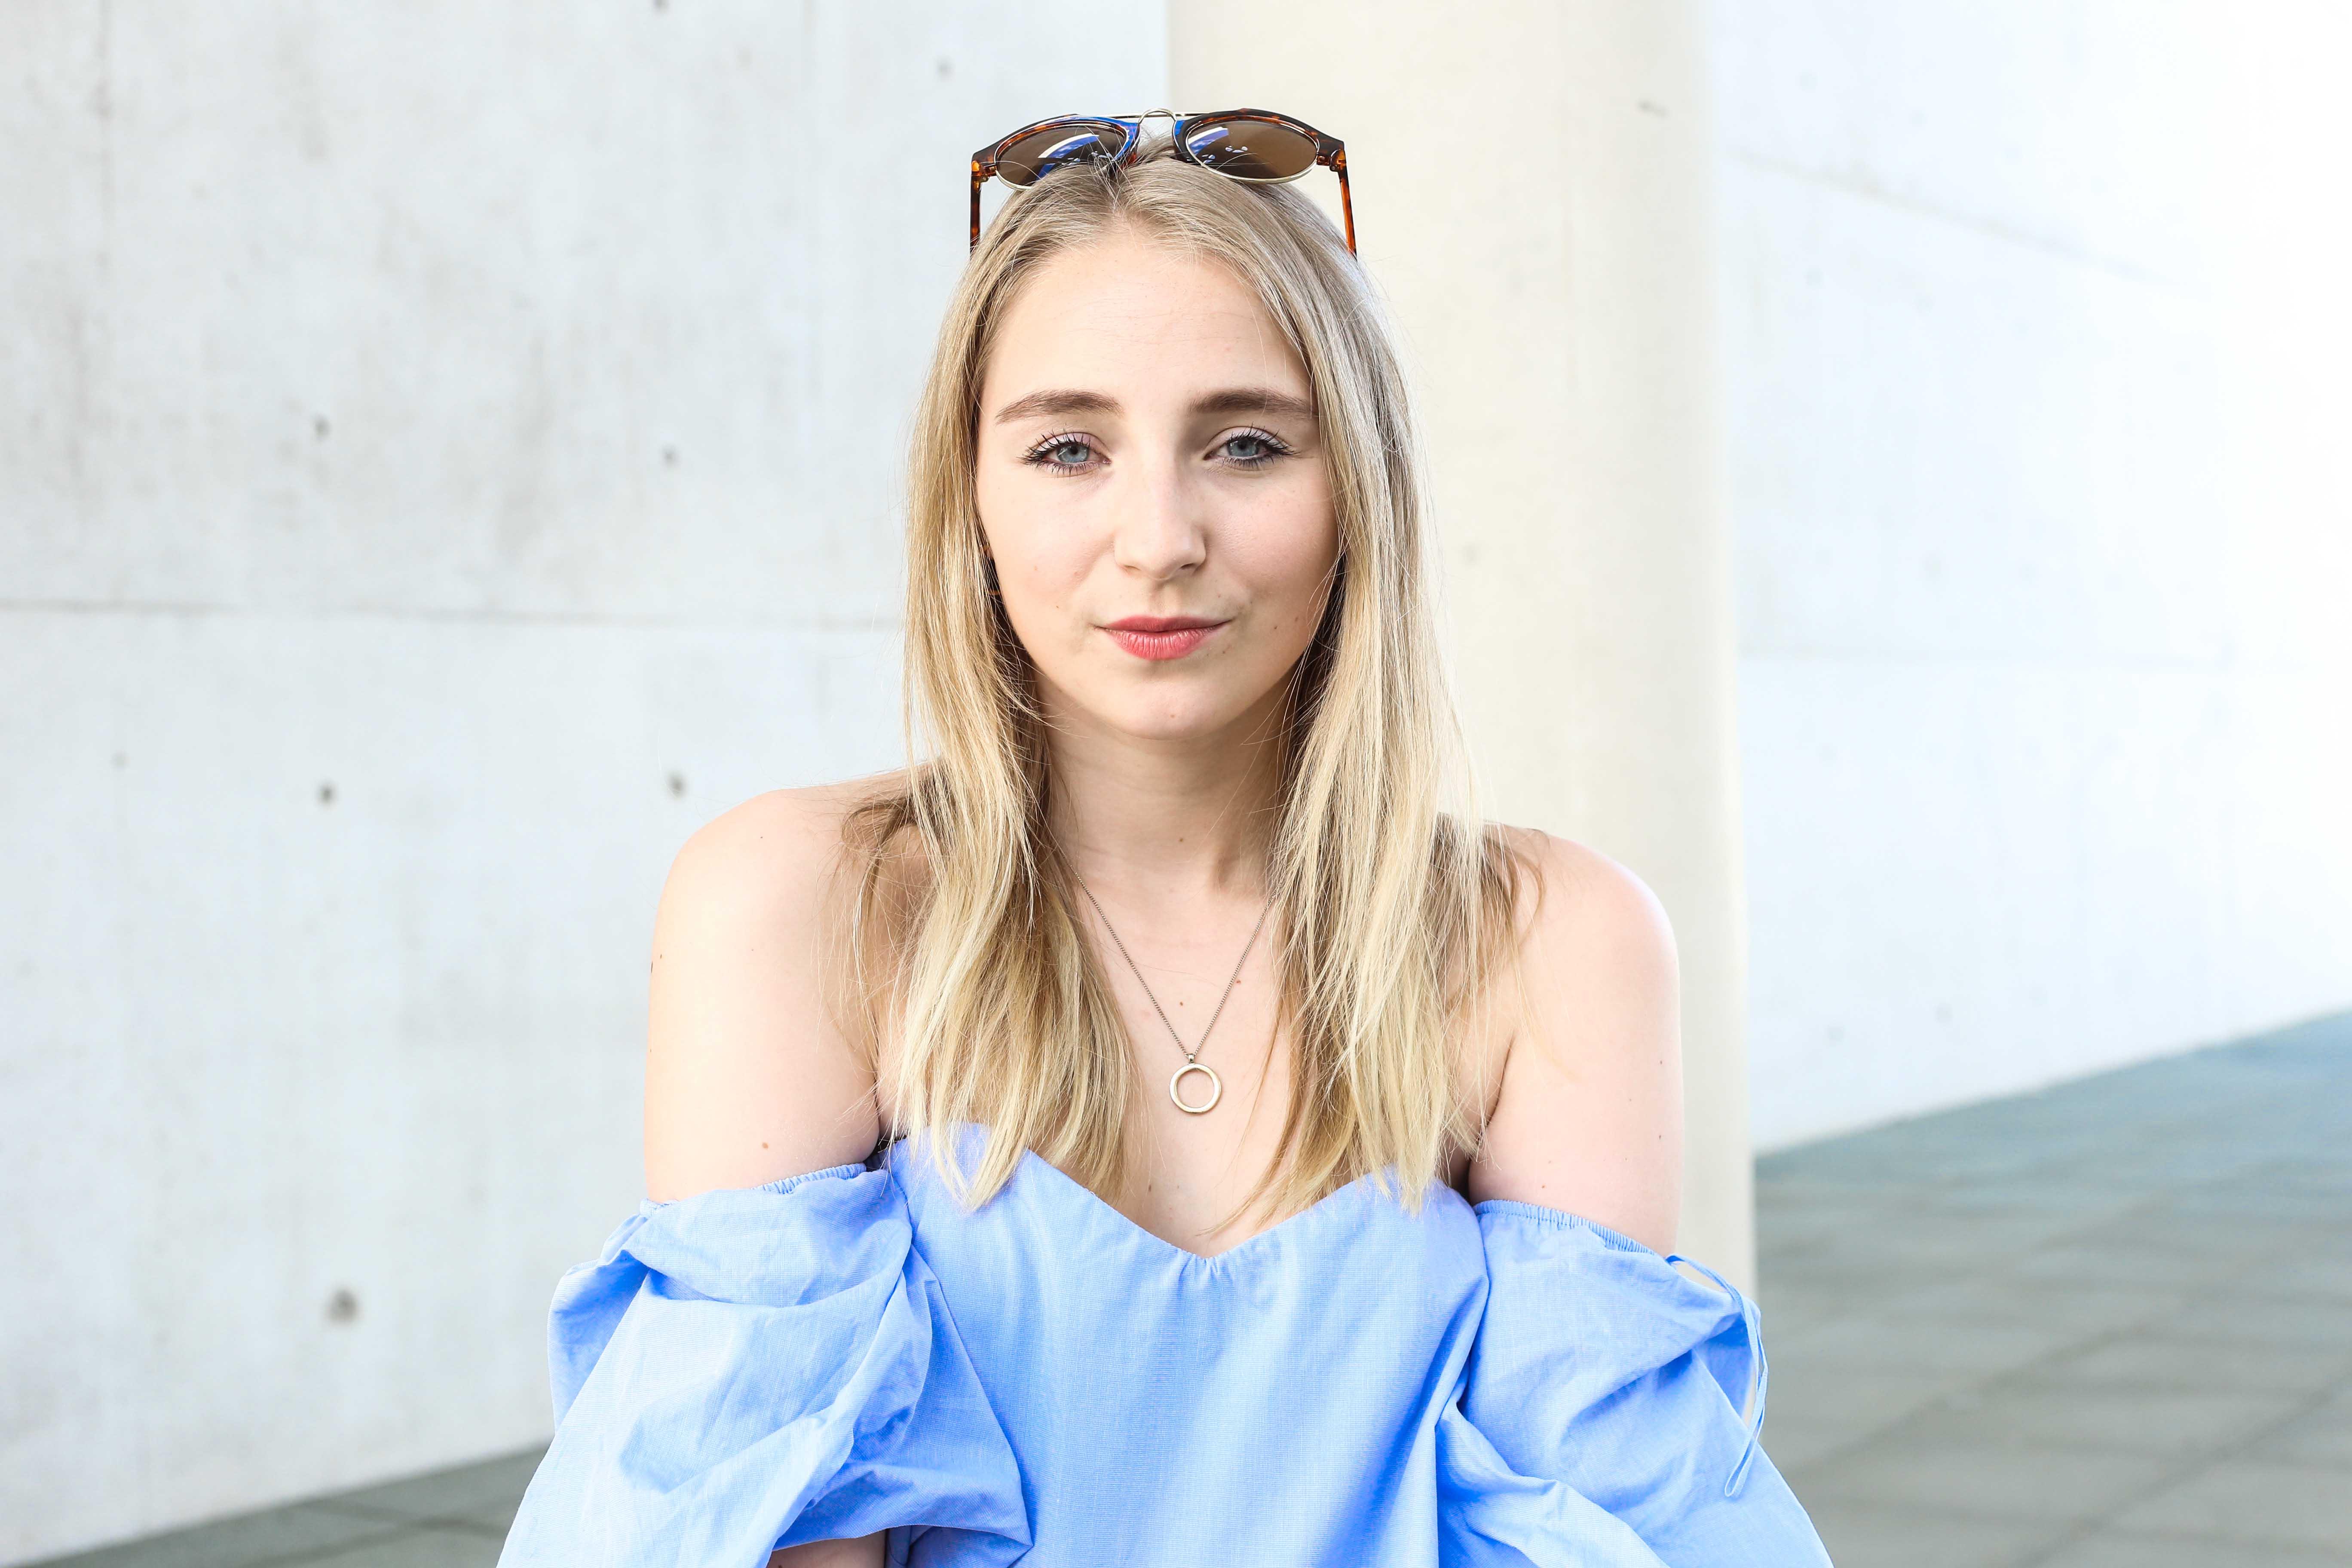 off-shoulder-fransenjeans-outfit-babouches-fashionblogger-modeblog-köln-berlin-modeblogger_7345